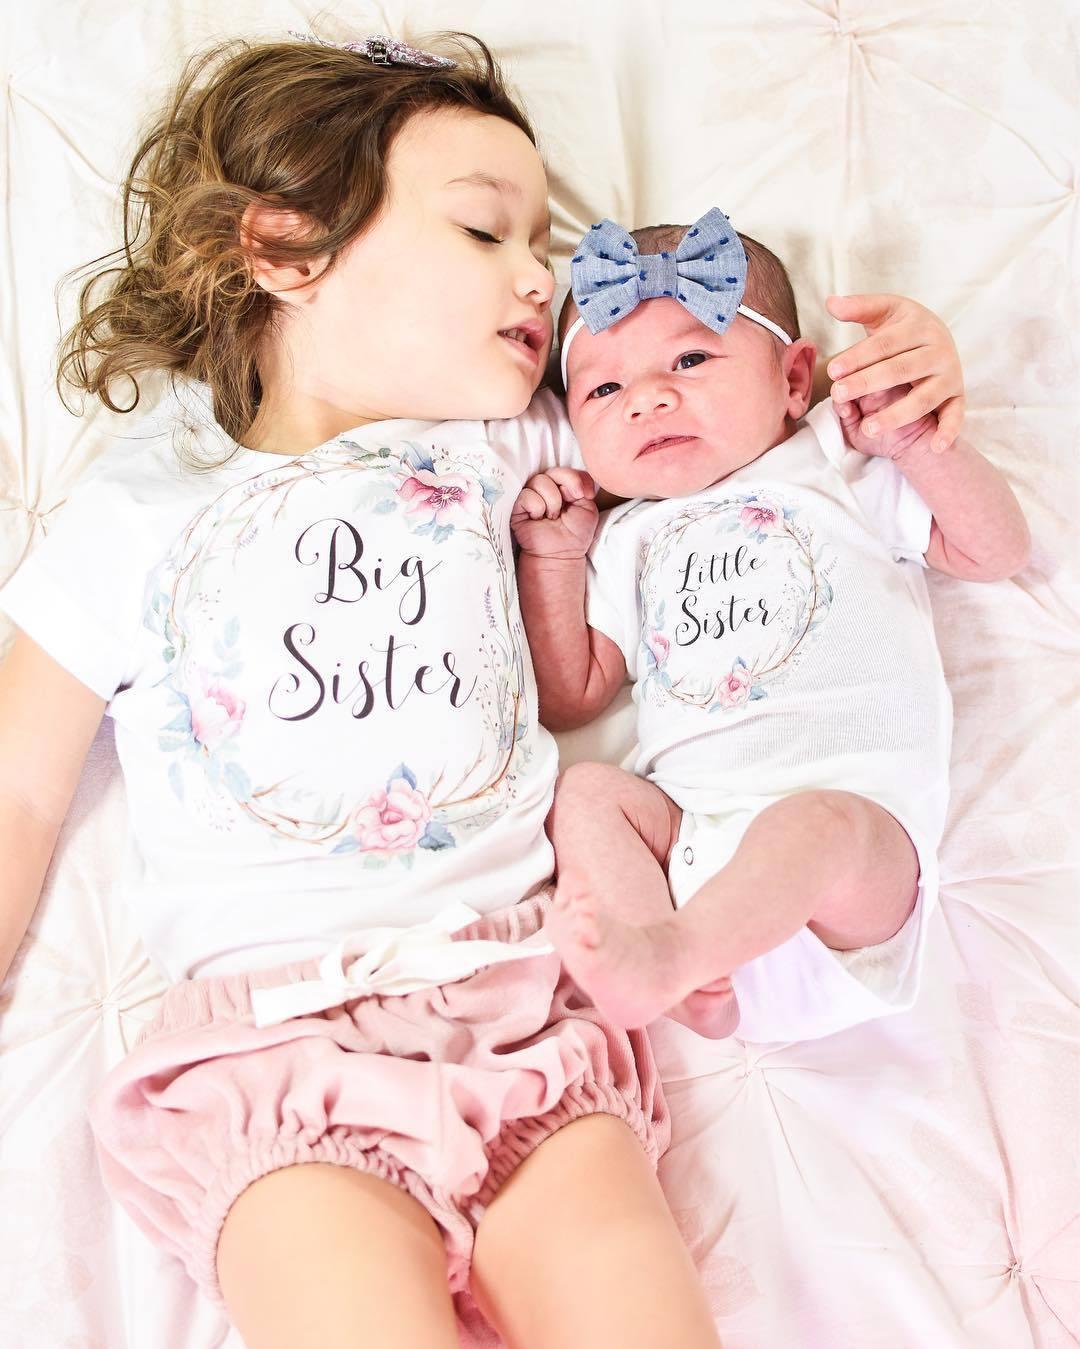 Pudcoco футболка для девочек, детская одежда для сестры, футболка, комбинезон, одежда